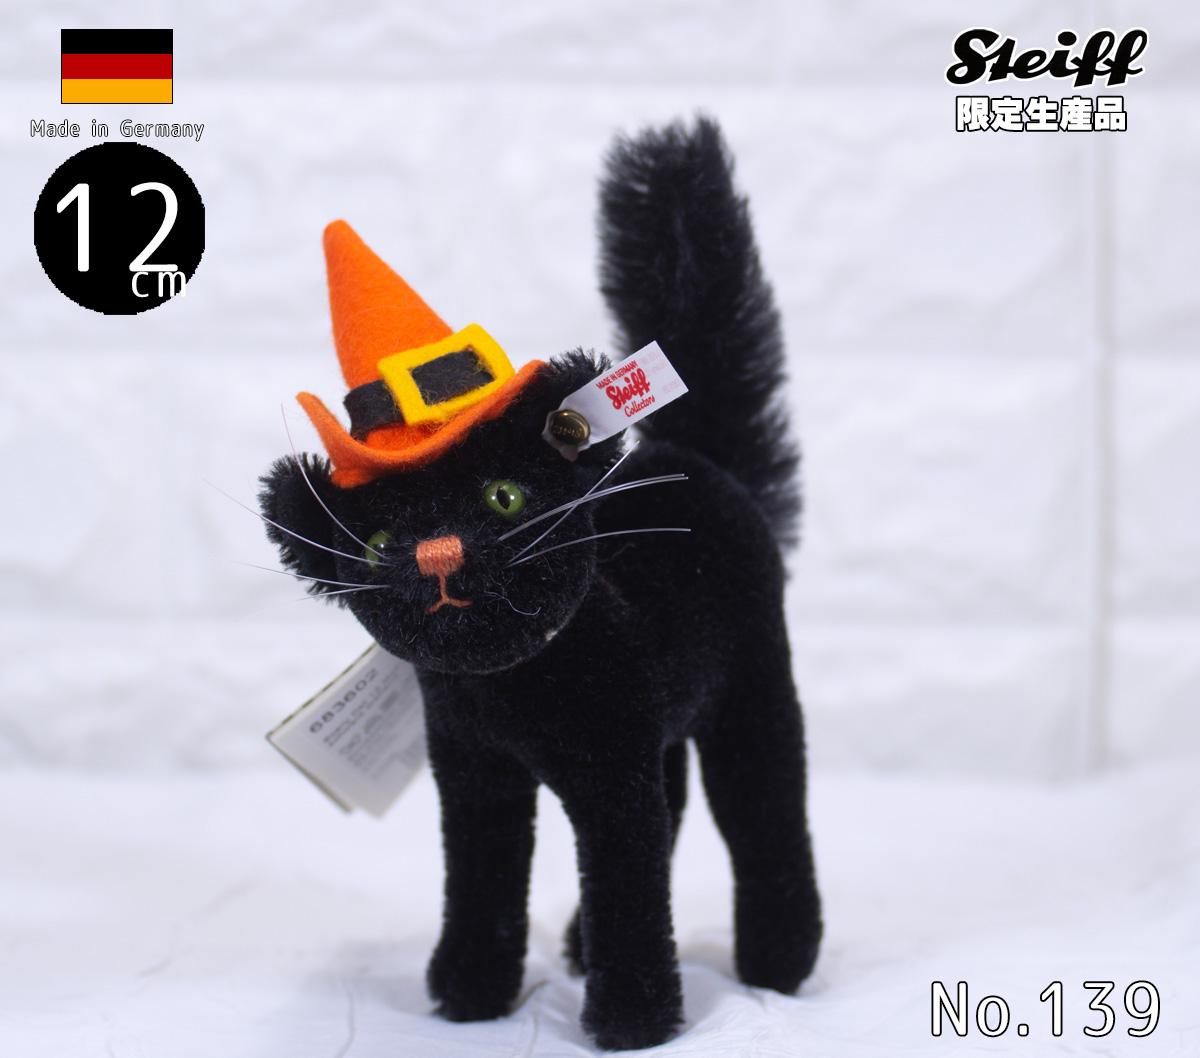 シュタイフ(steiff) アメリカ限定スキャーリーキャット 12cm Steiff mohair Scary cat